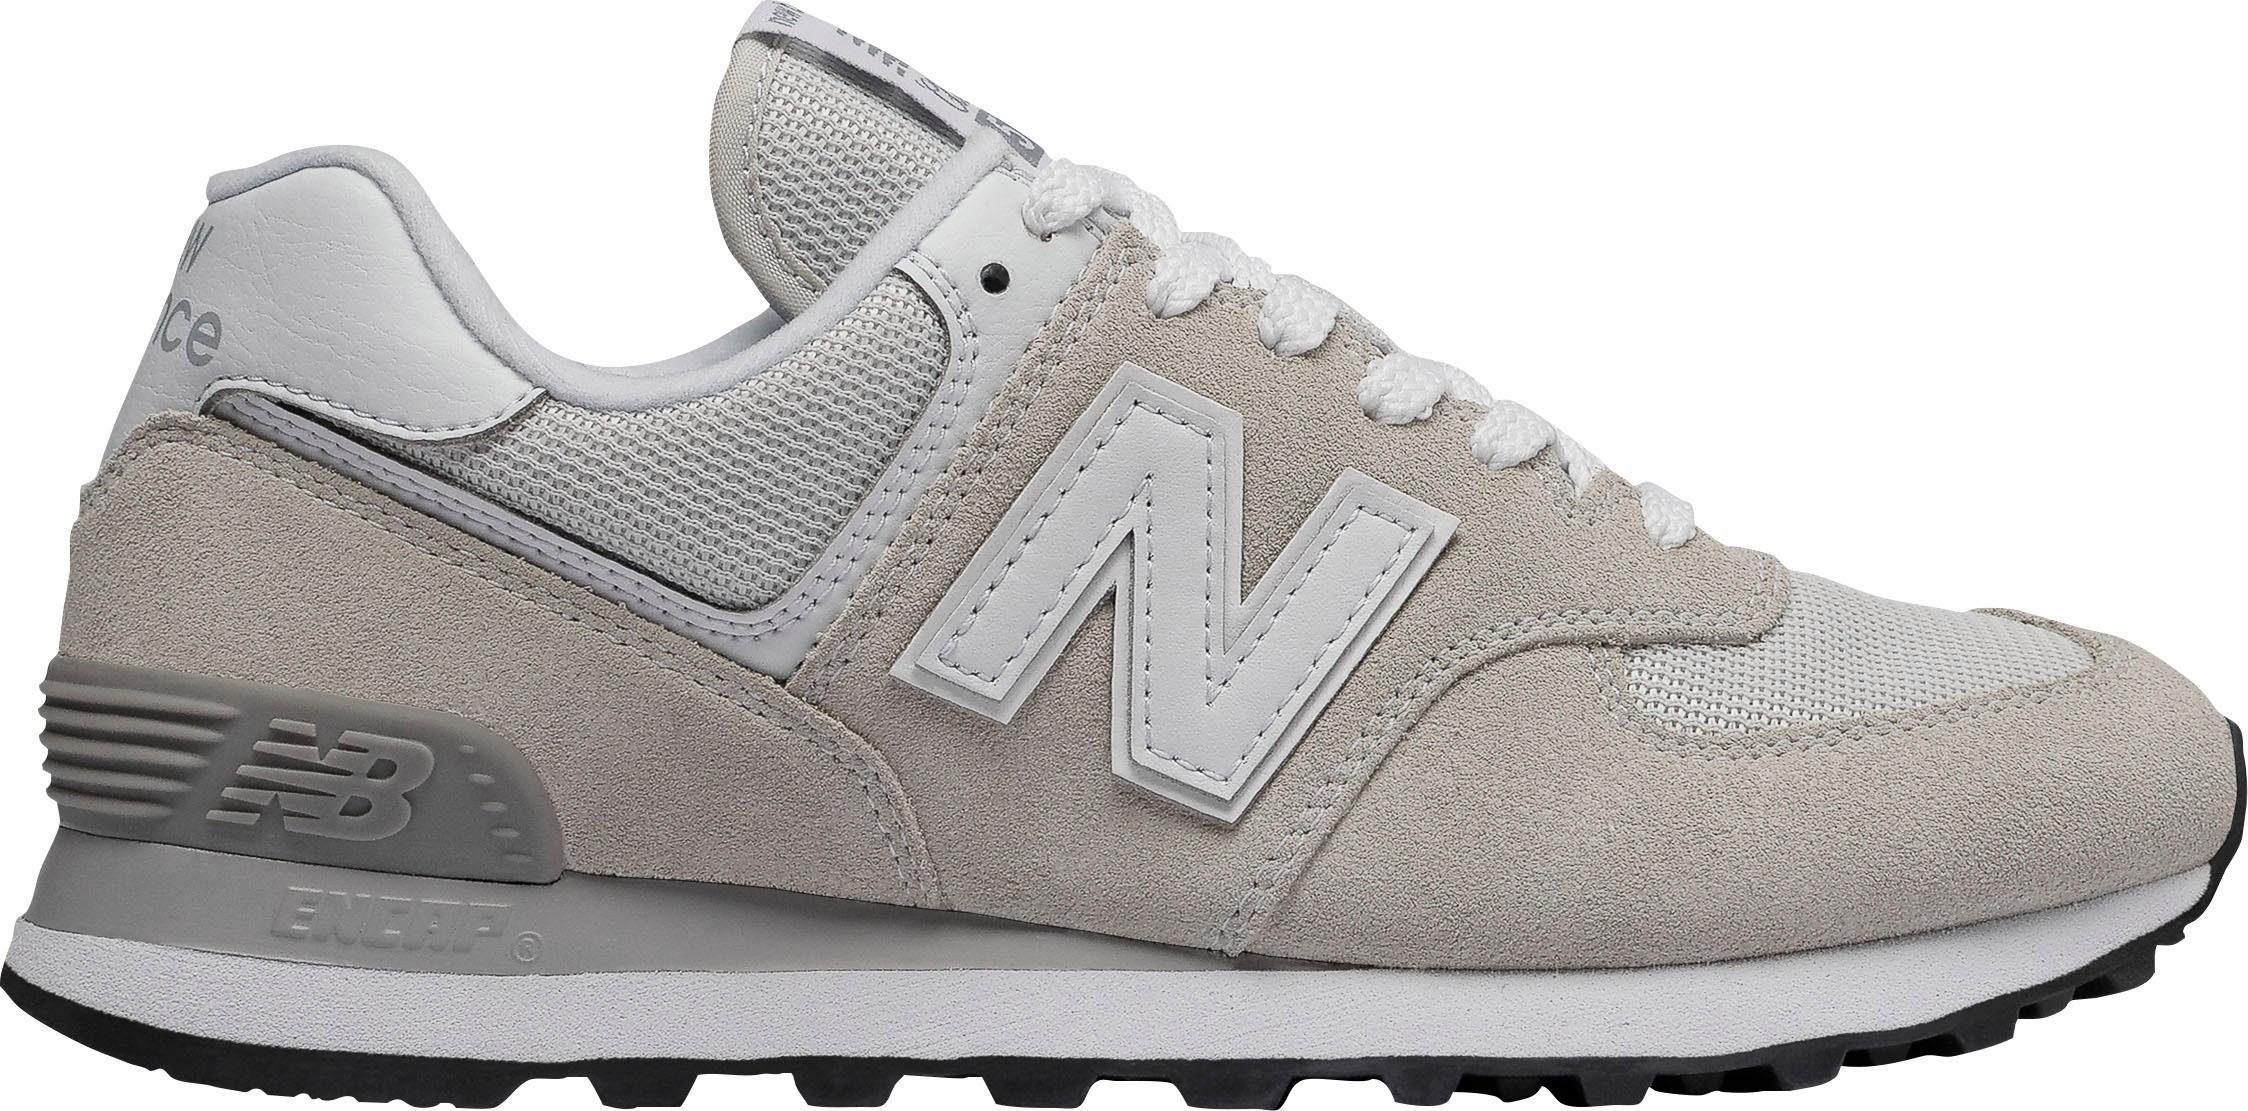 New Balance WL 574 Sneaker online kaufen  offwhite